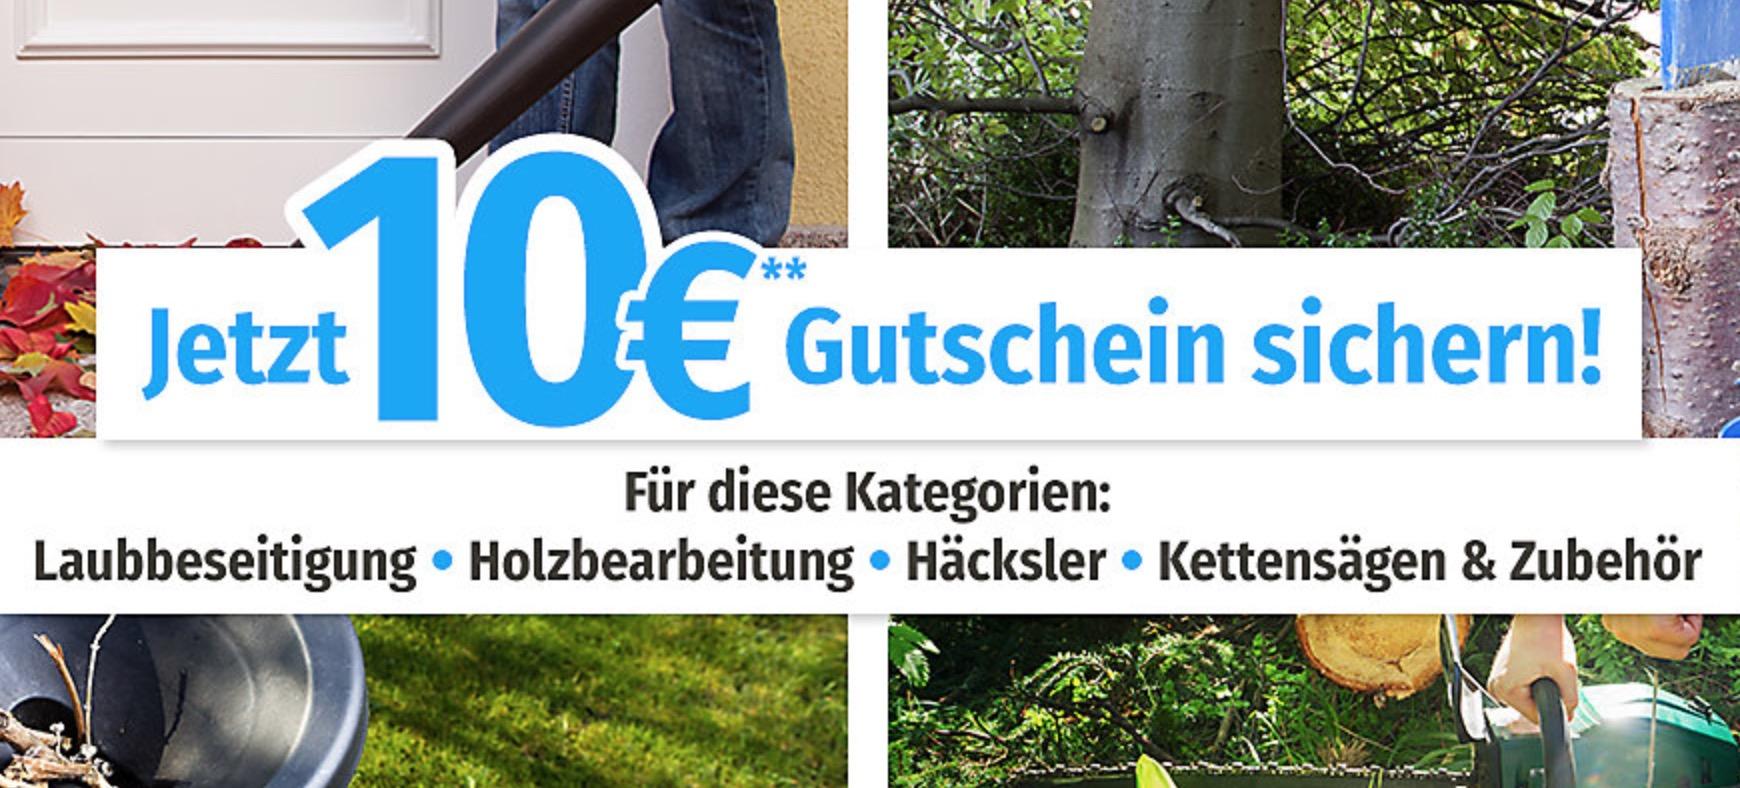 Nur noch heute: 10,- Euro Gutschein auf Laubbeseitigung, Holzbearbeitung, Häcksler und Kettensägen bei GartenXXL